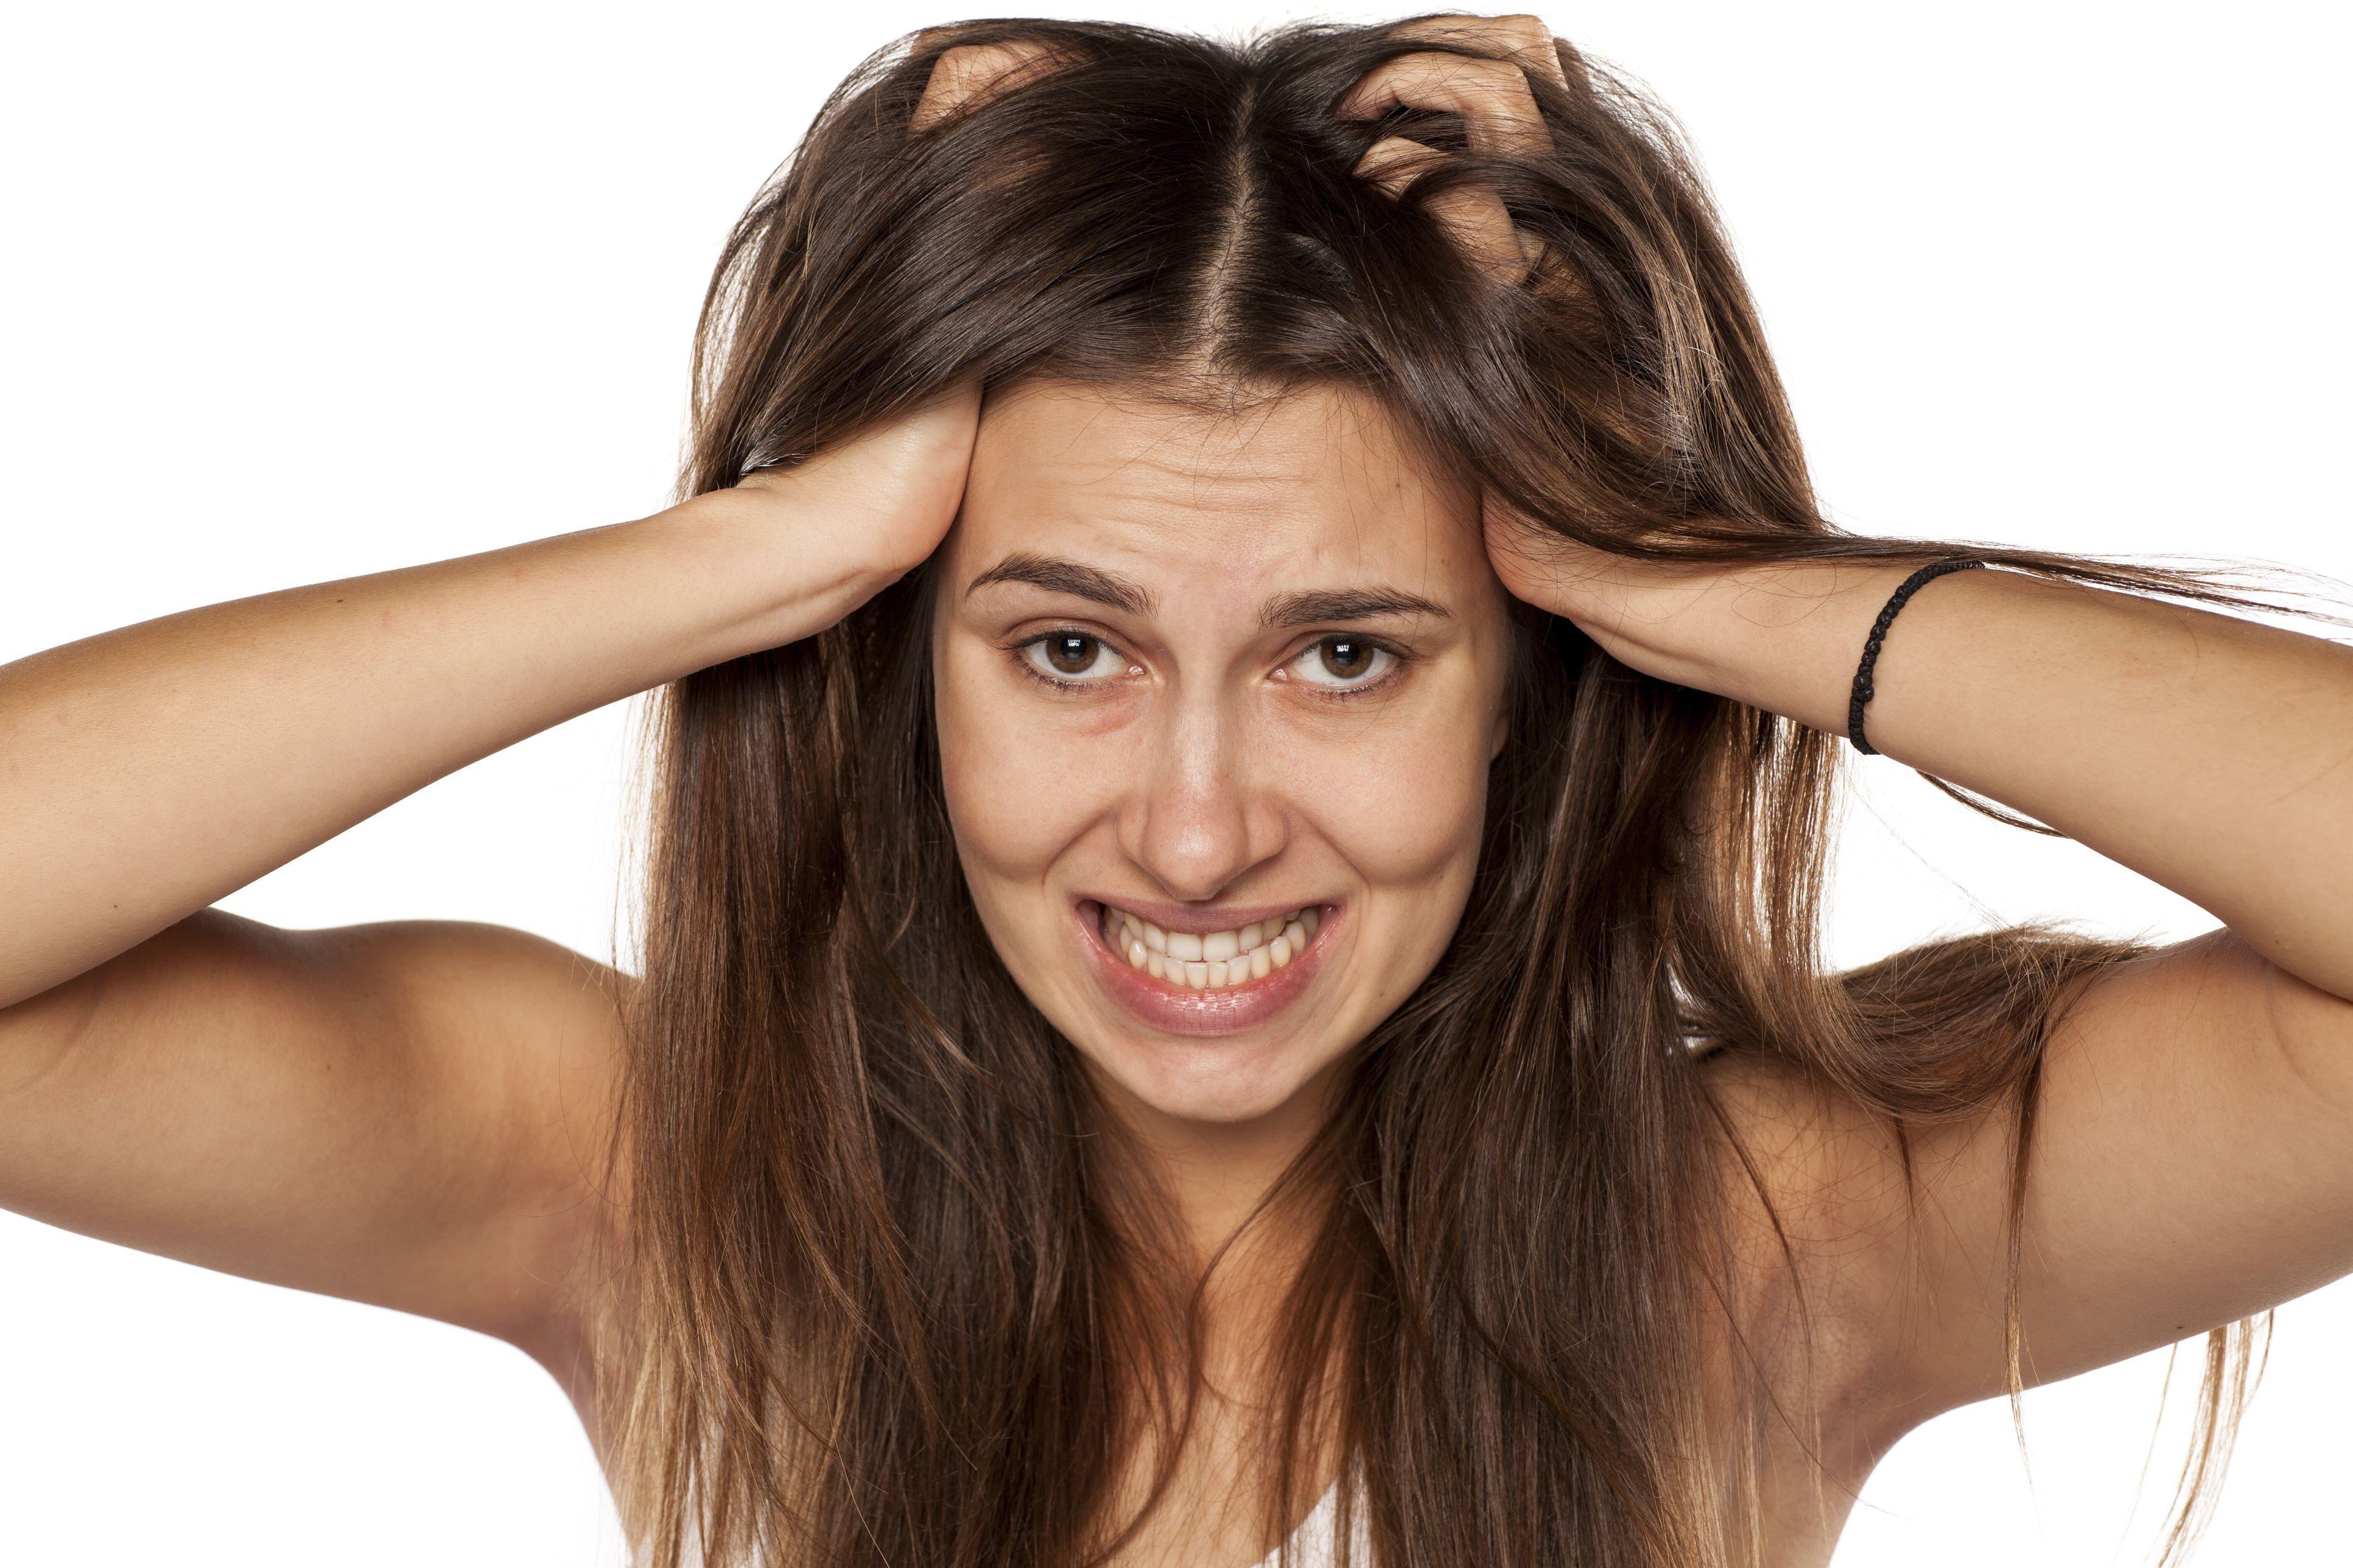 hogyan lehet enyhíteni a pikkelysömör fejbőrét mit kell tennie az arcon lévő vörös foltokból